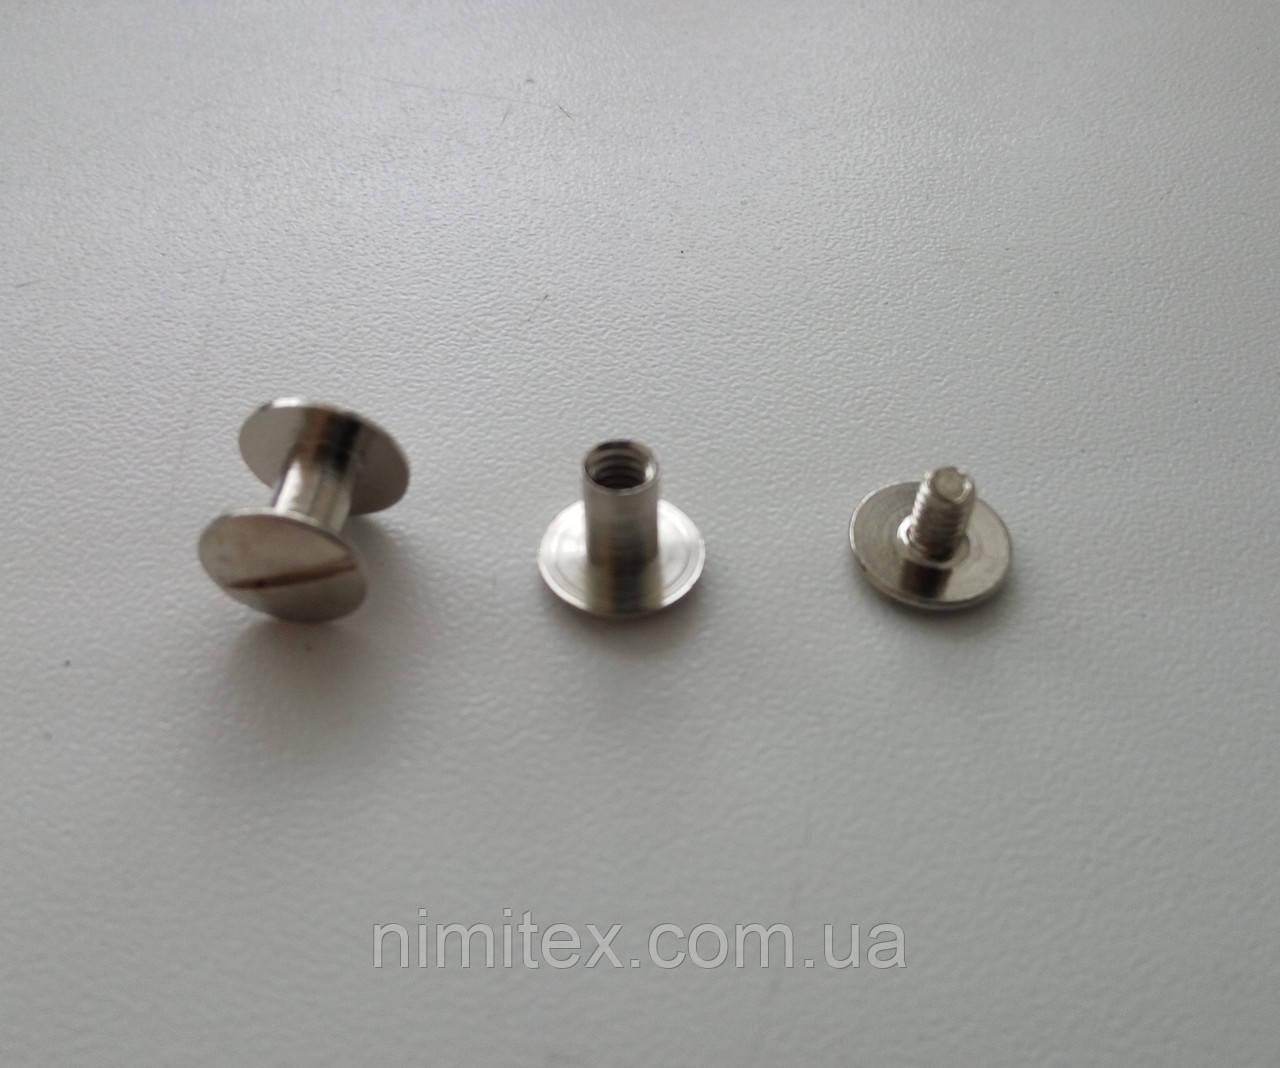 Винт ременной 6 мм никель